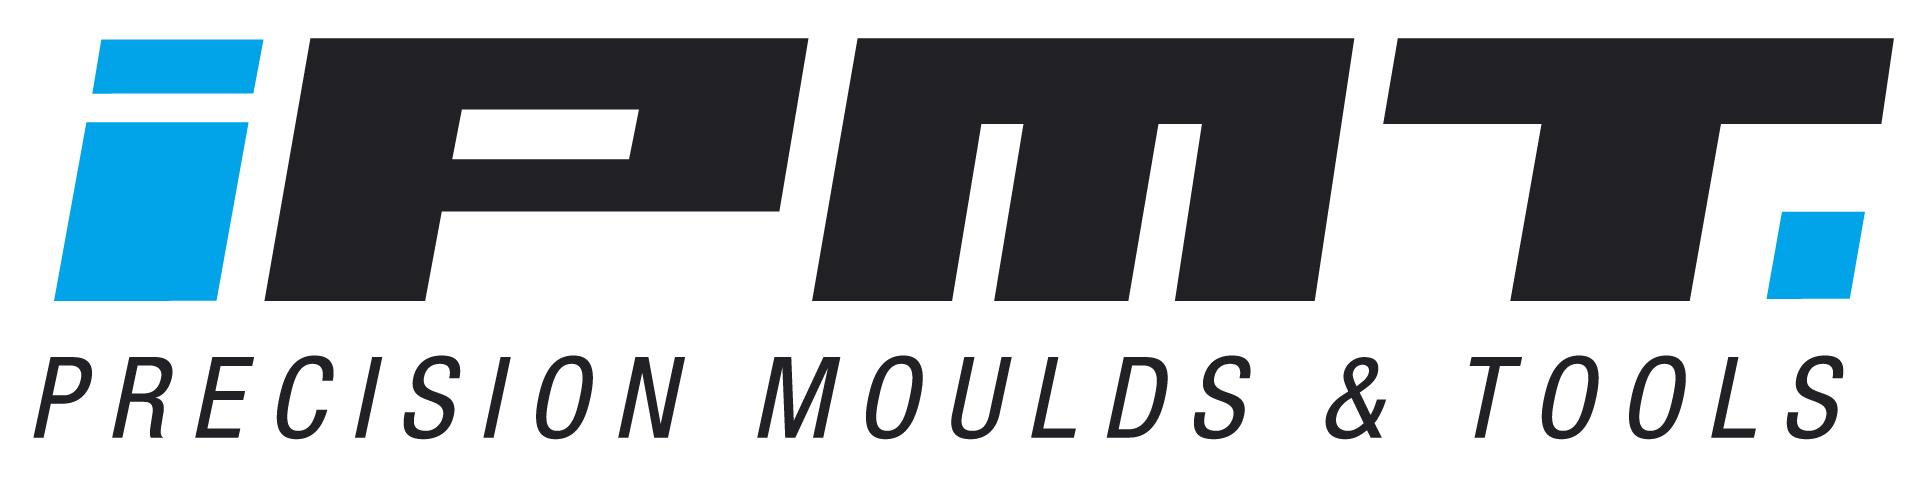 http://www.precisionmoulds.com/